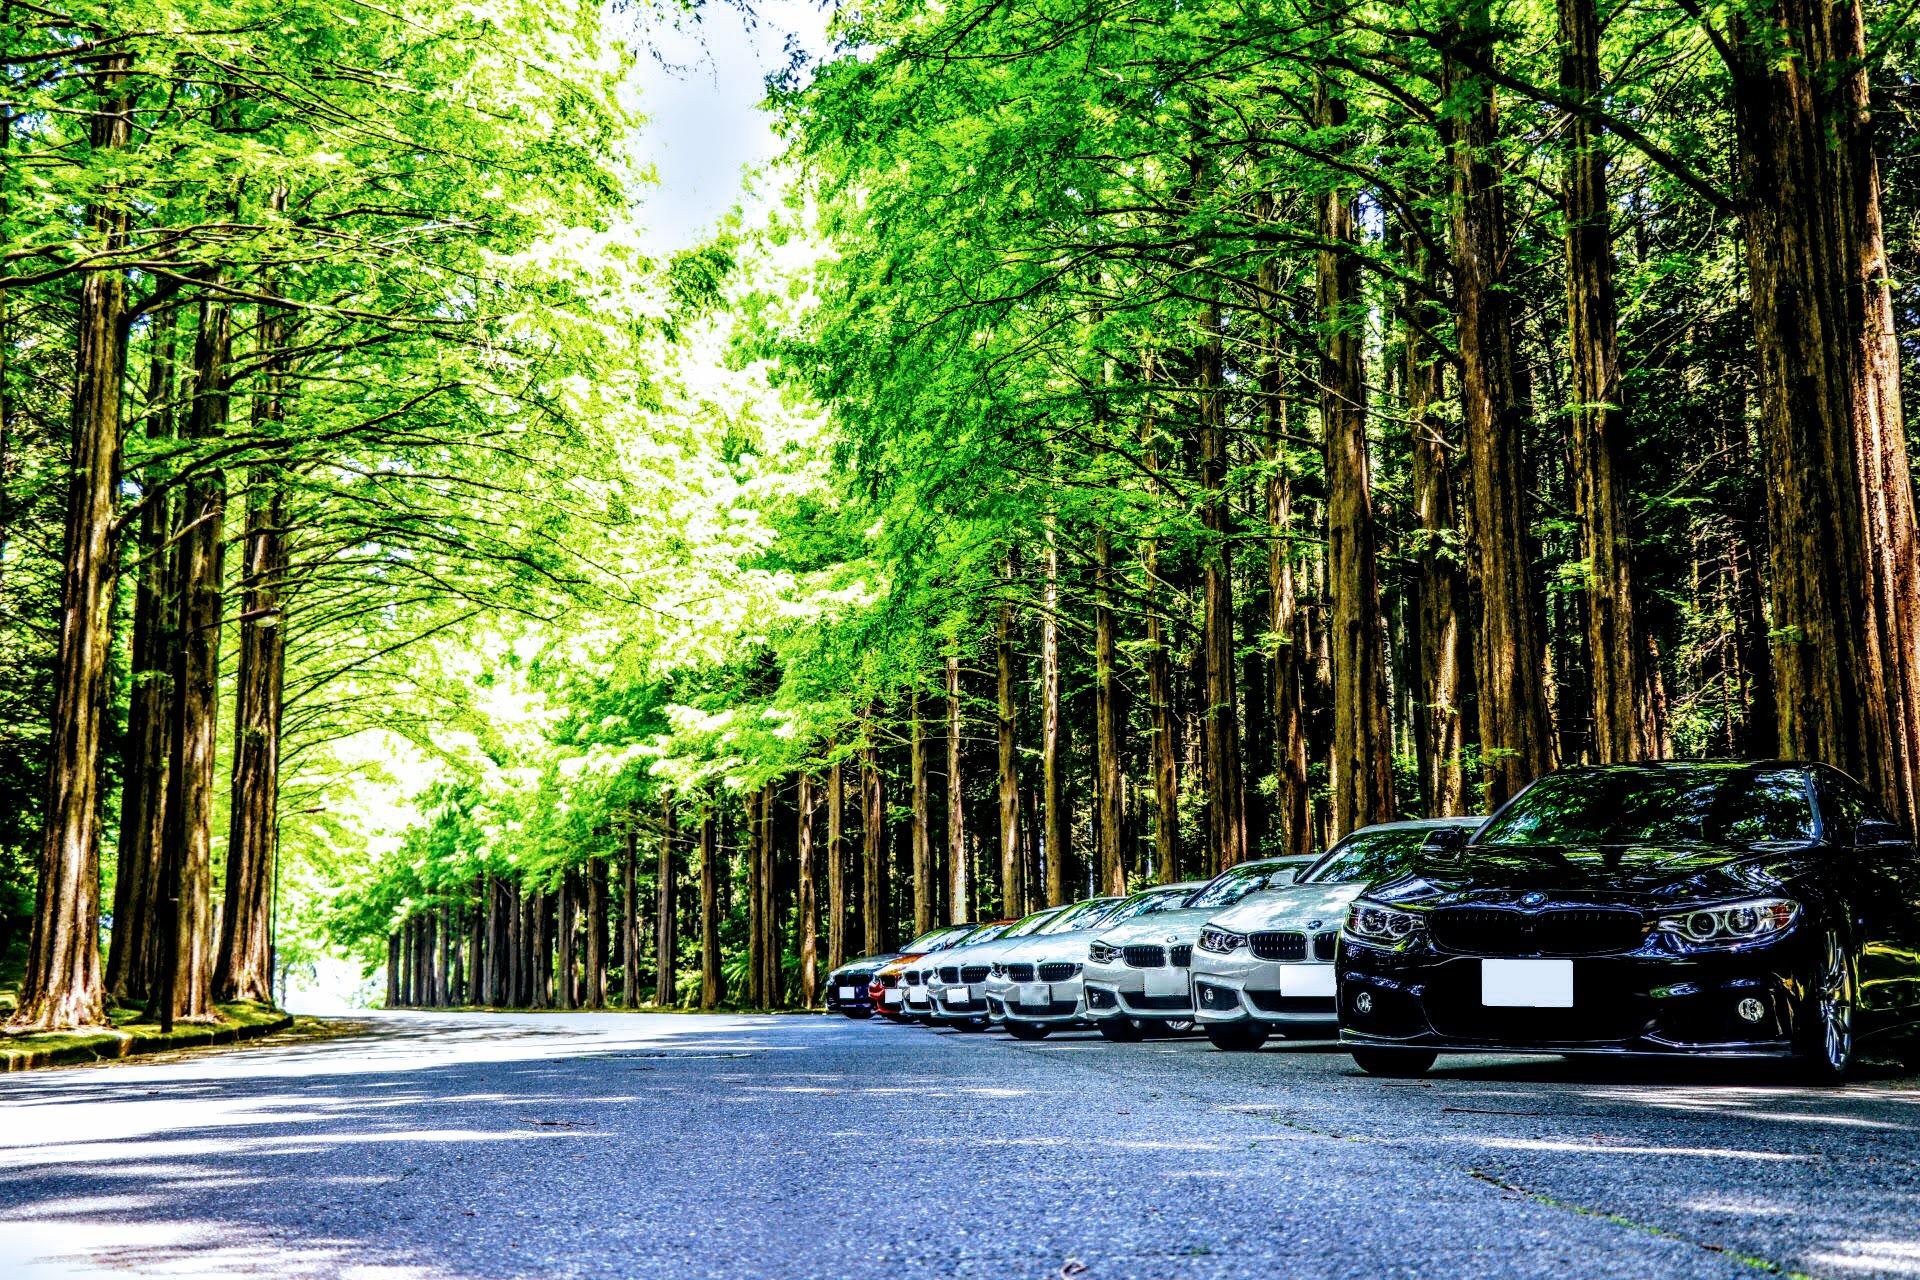 BMW420iグランクーペLuxuryのエナジーコンプリートカーEVO36.1がデビュー記念価格で販売中!即完売か^^;